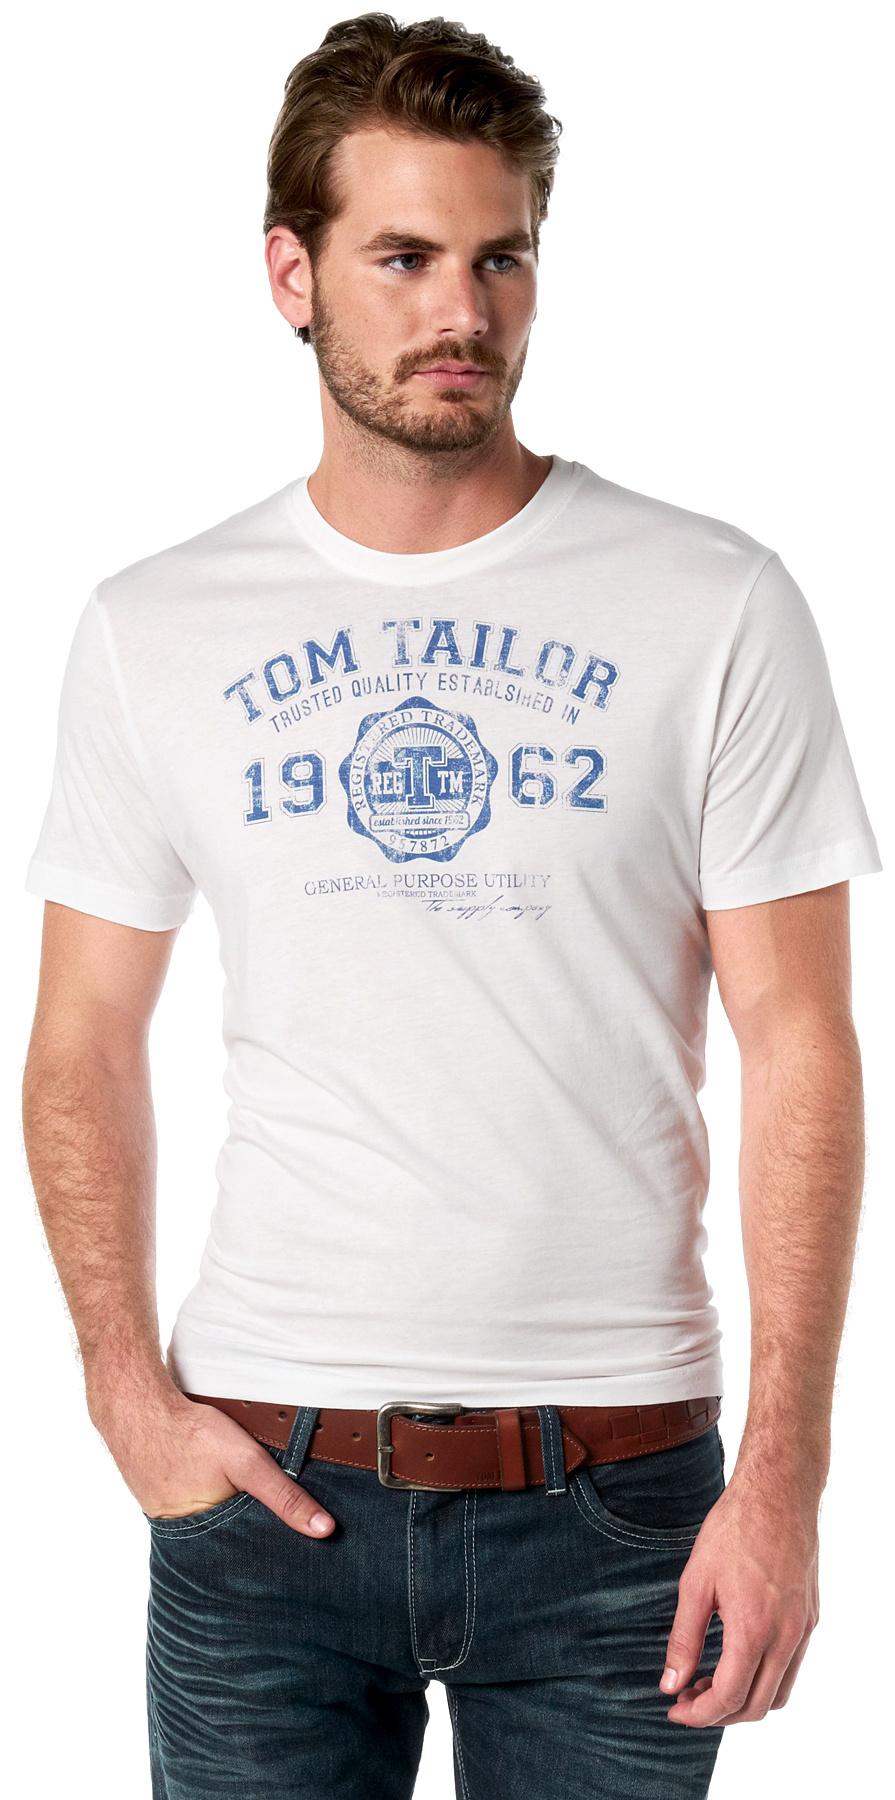 Tom Tailor pánské triko 10235490910/2000 Bílá XXL